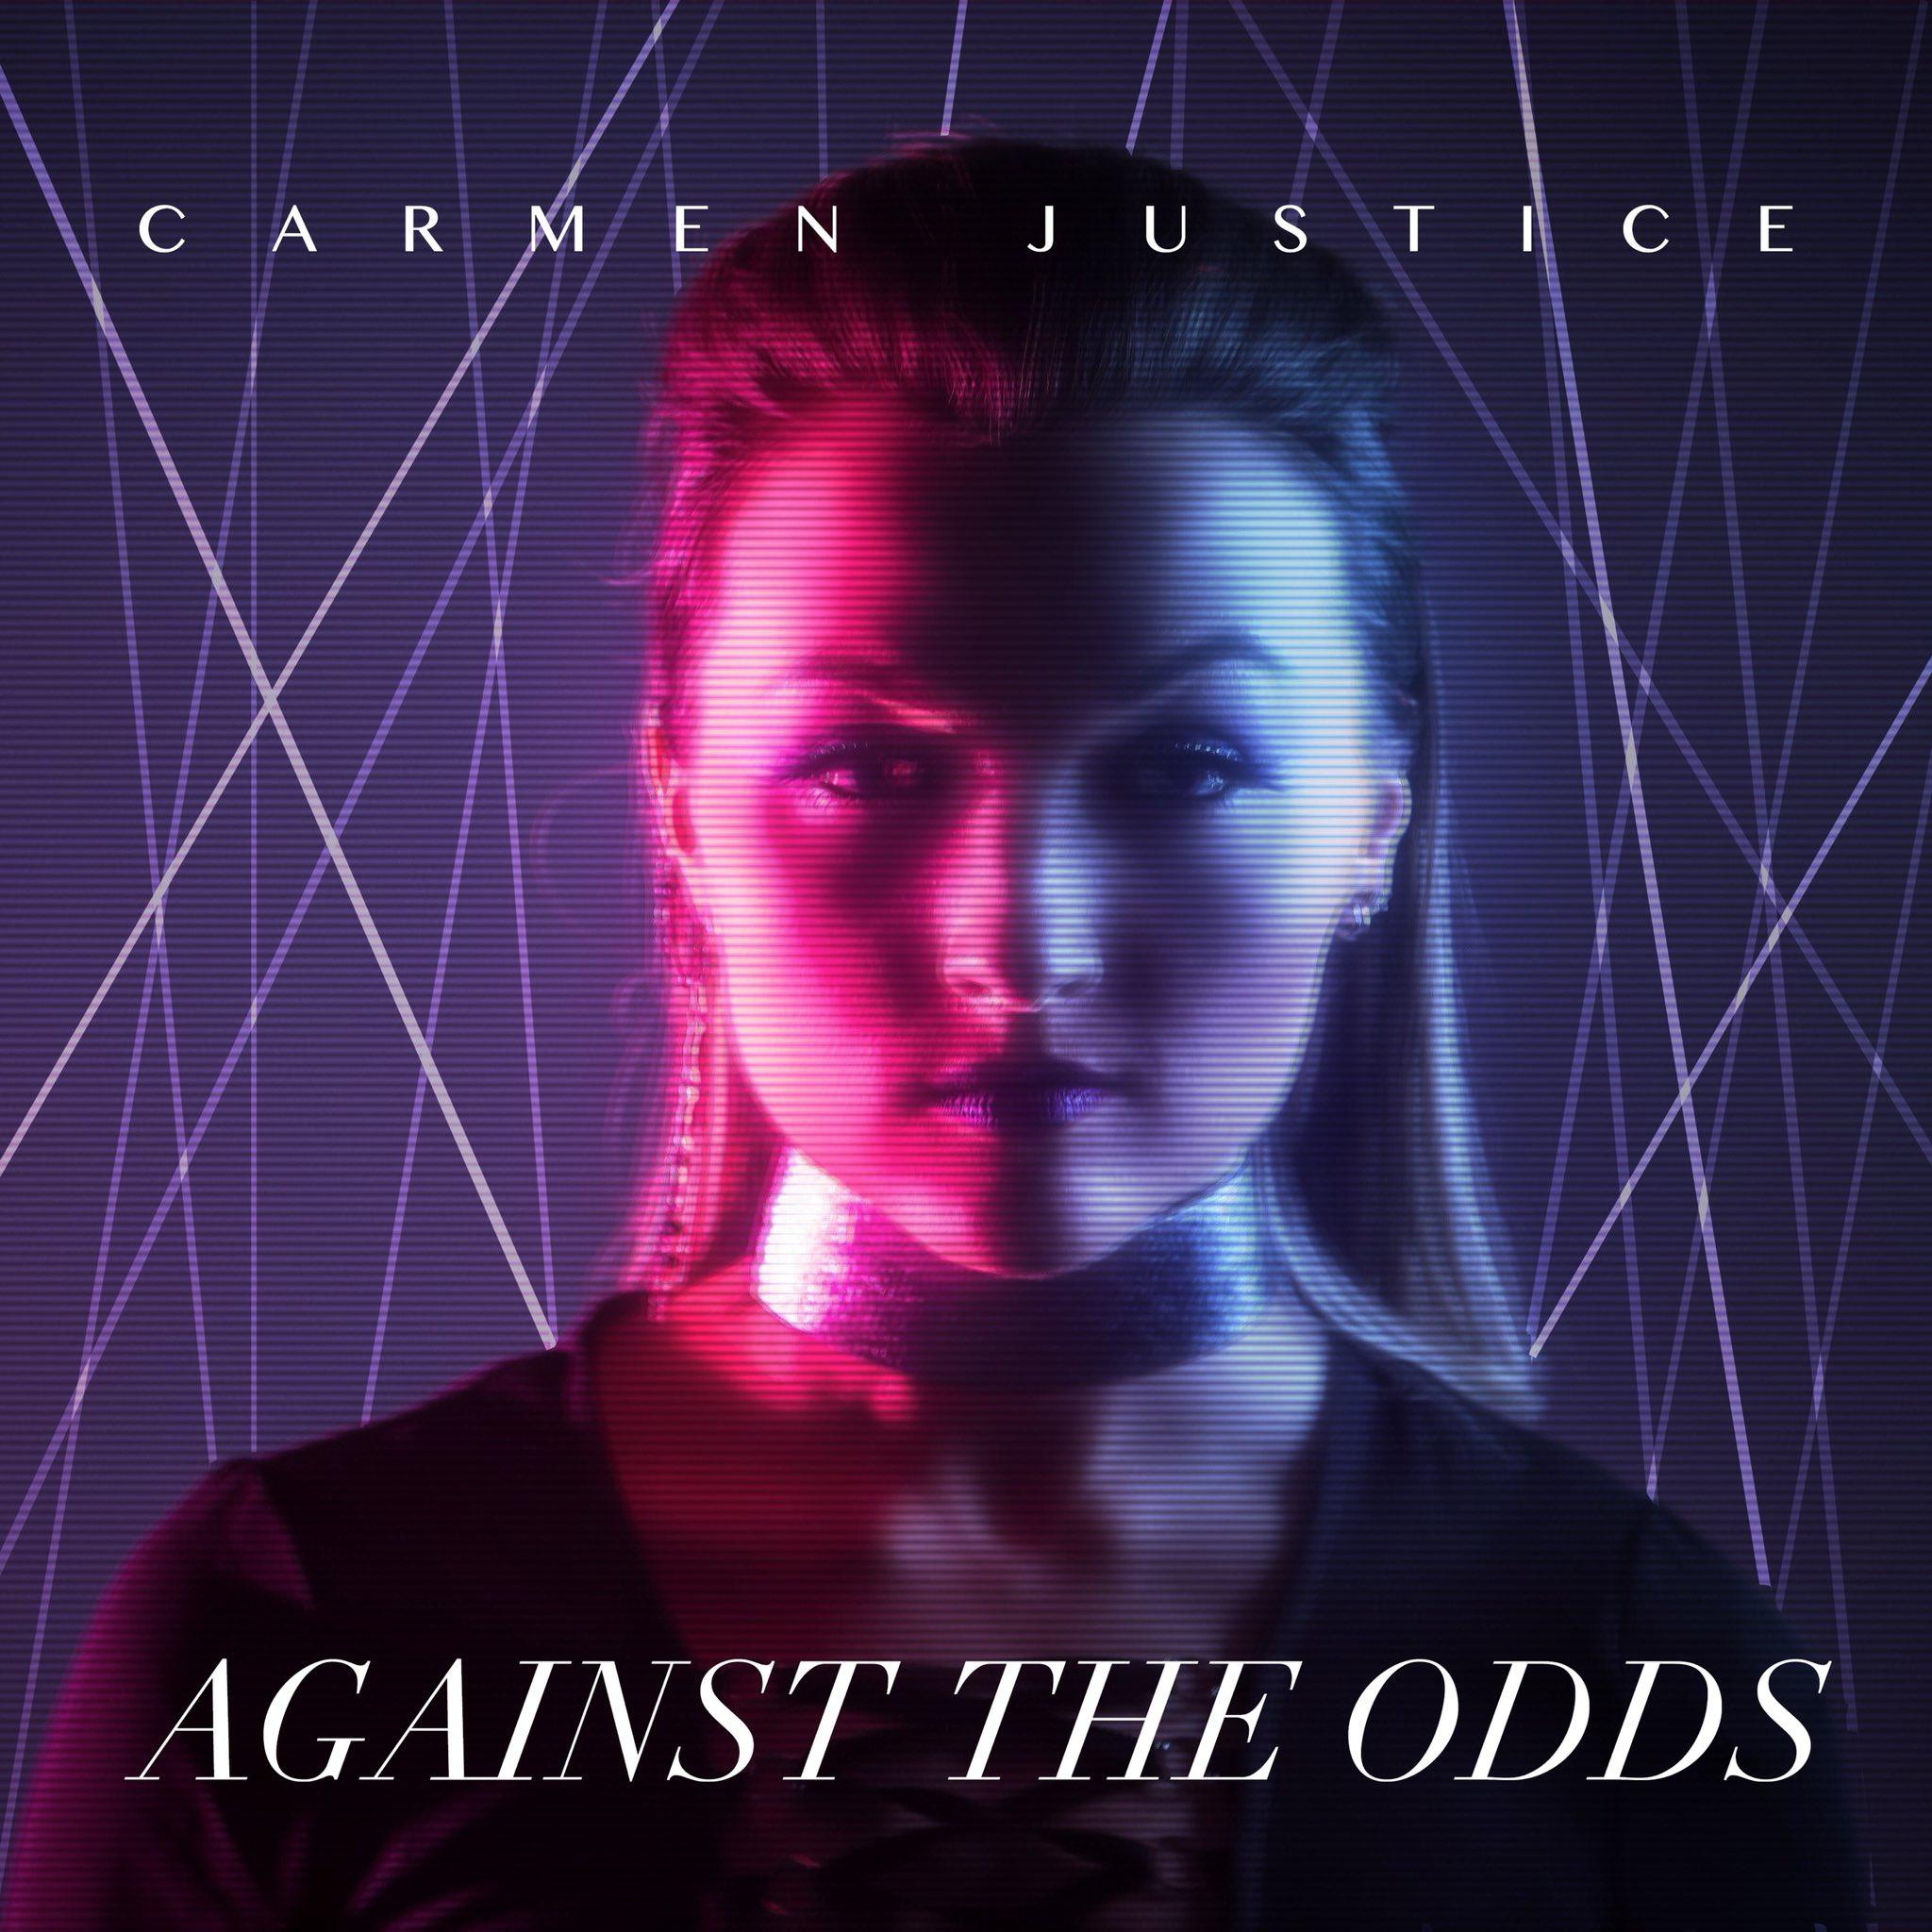 carmen against the odds ep cover.jpg